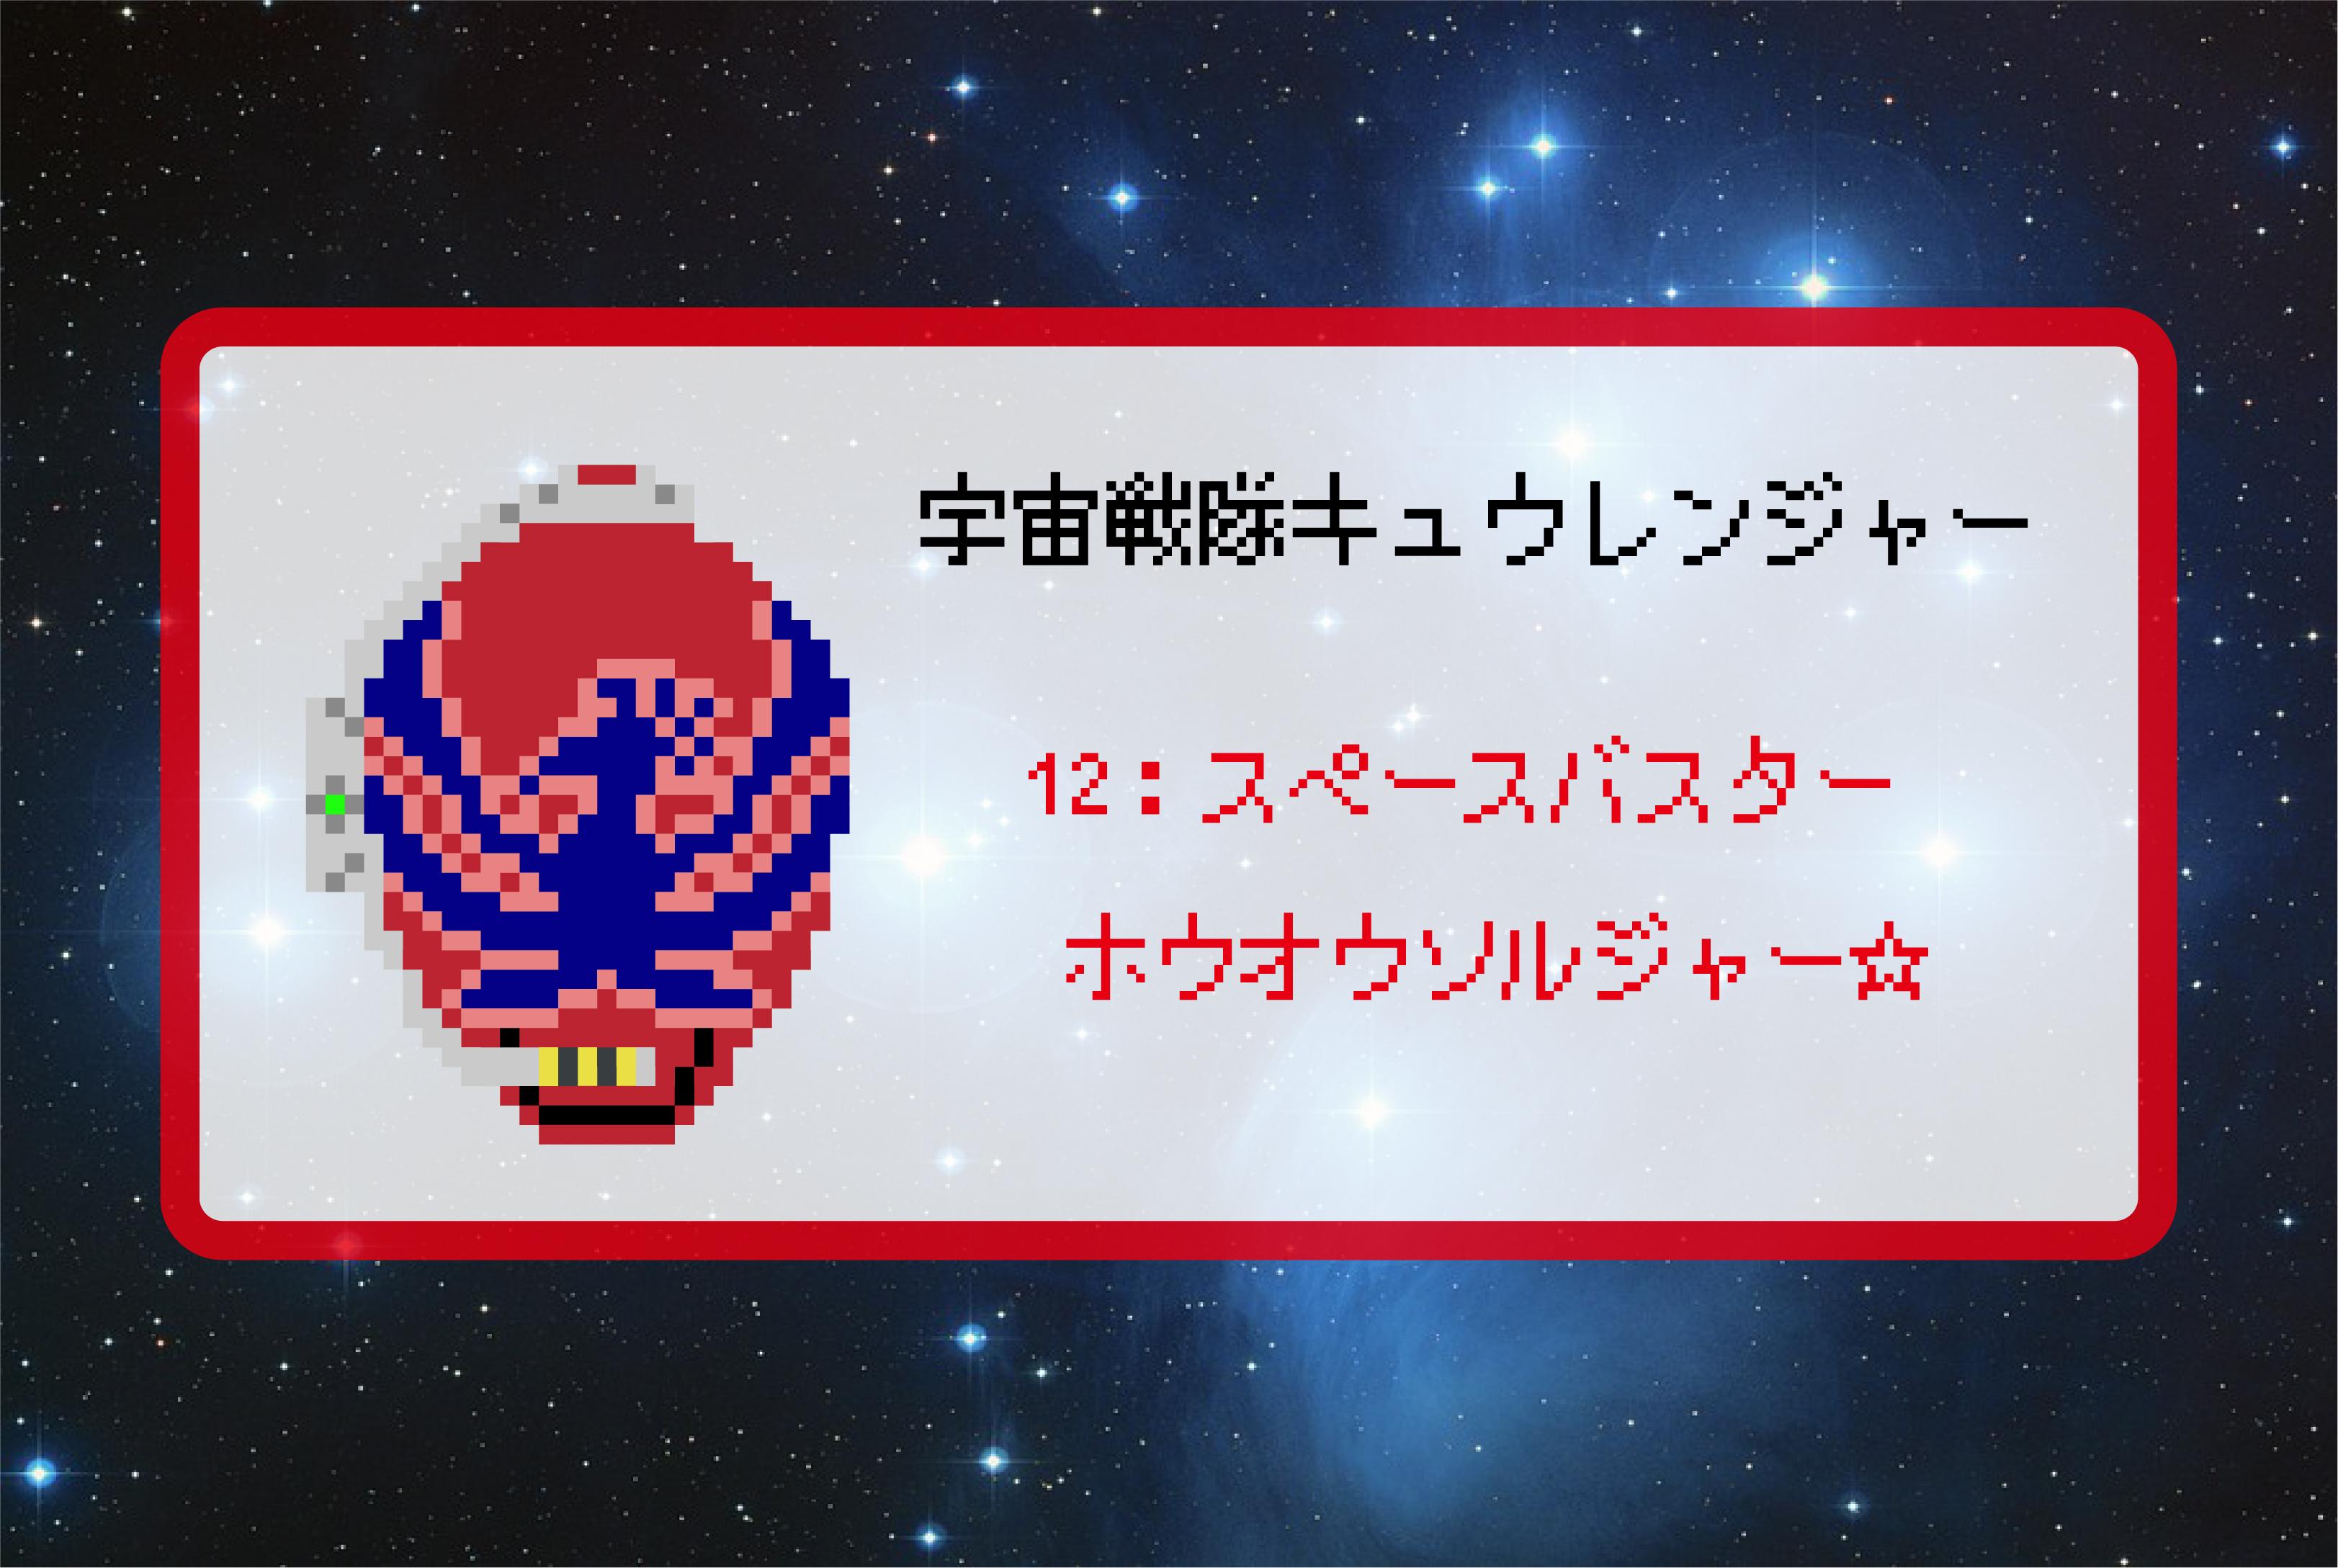 【宇宙戦隊キュウレンジャー】12人目の新戦士!ホウオウソルジャーのアイロンビーズ図案【ネタバレ含みます】